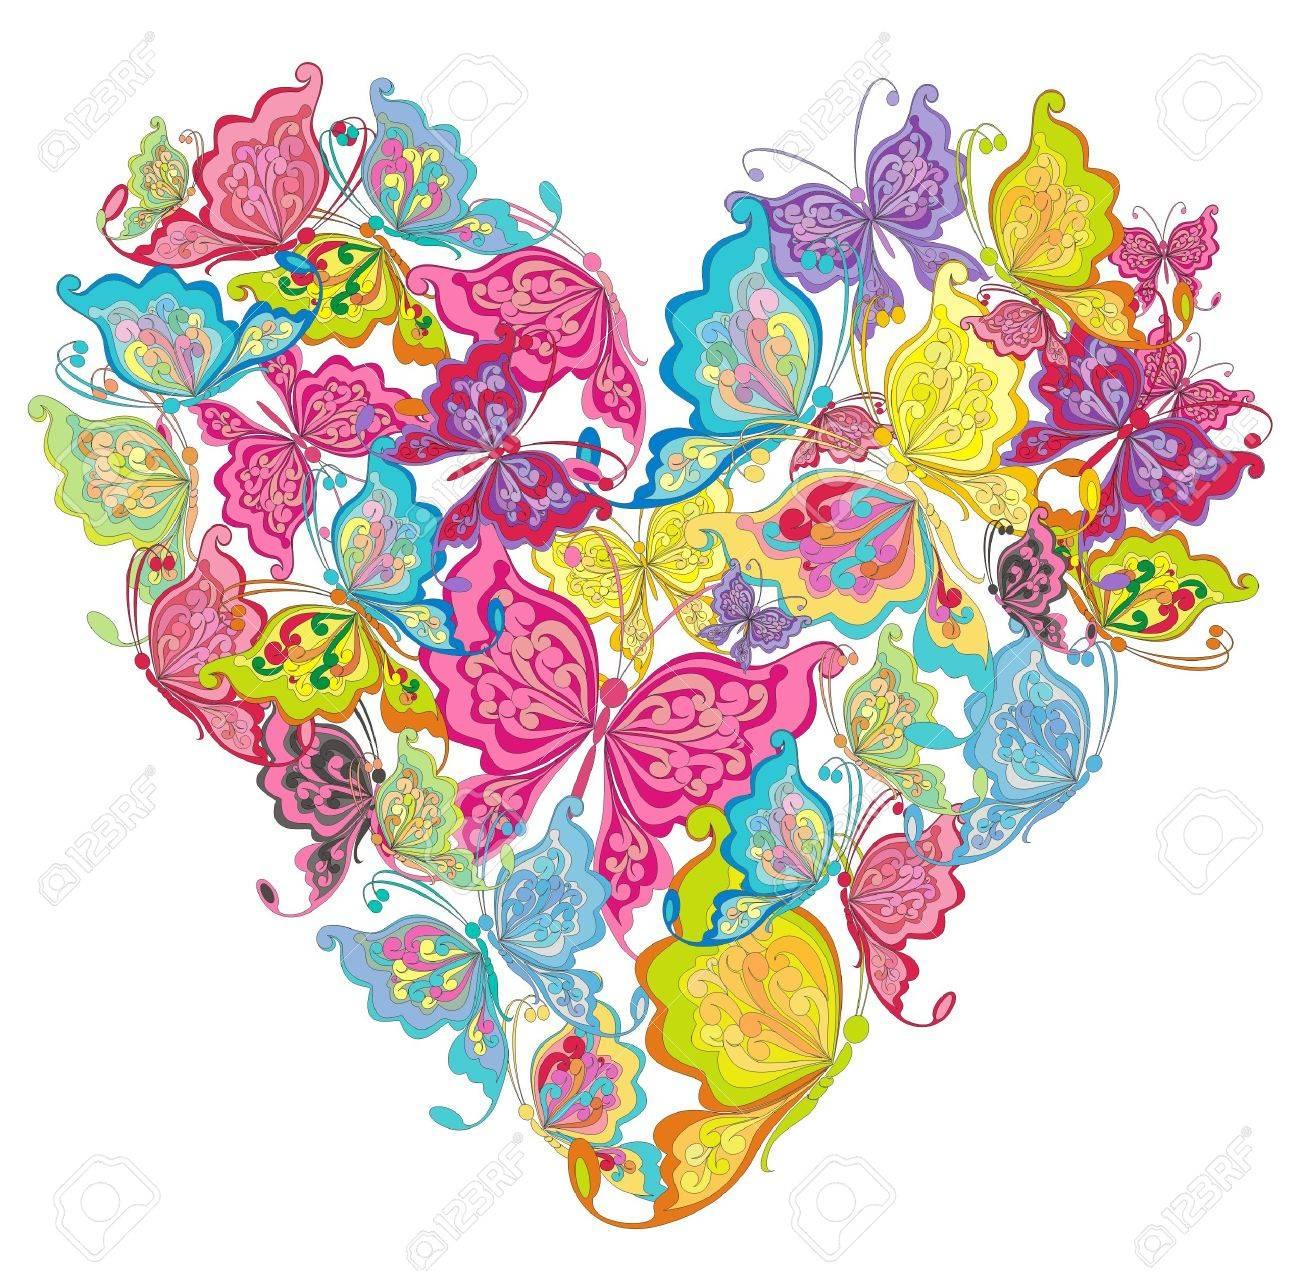 Floral Love Shape Vector Heart Of Butterflies